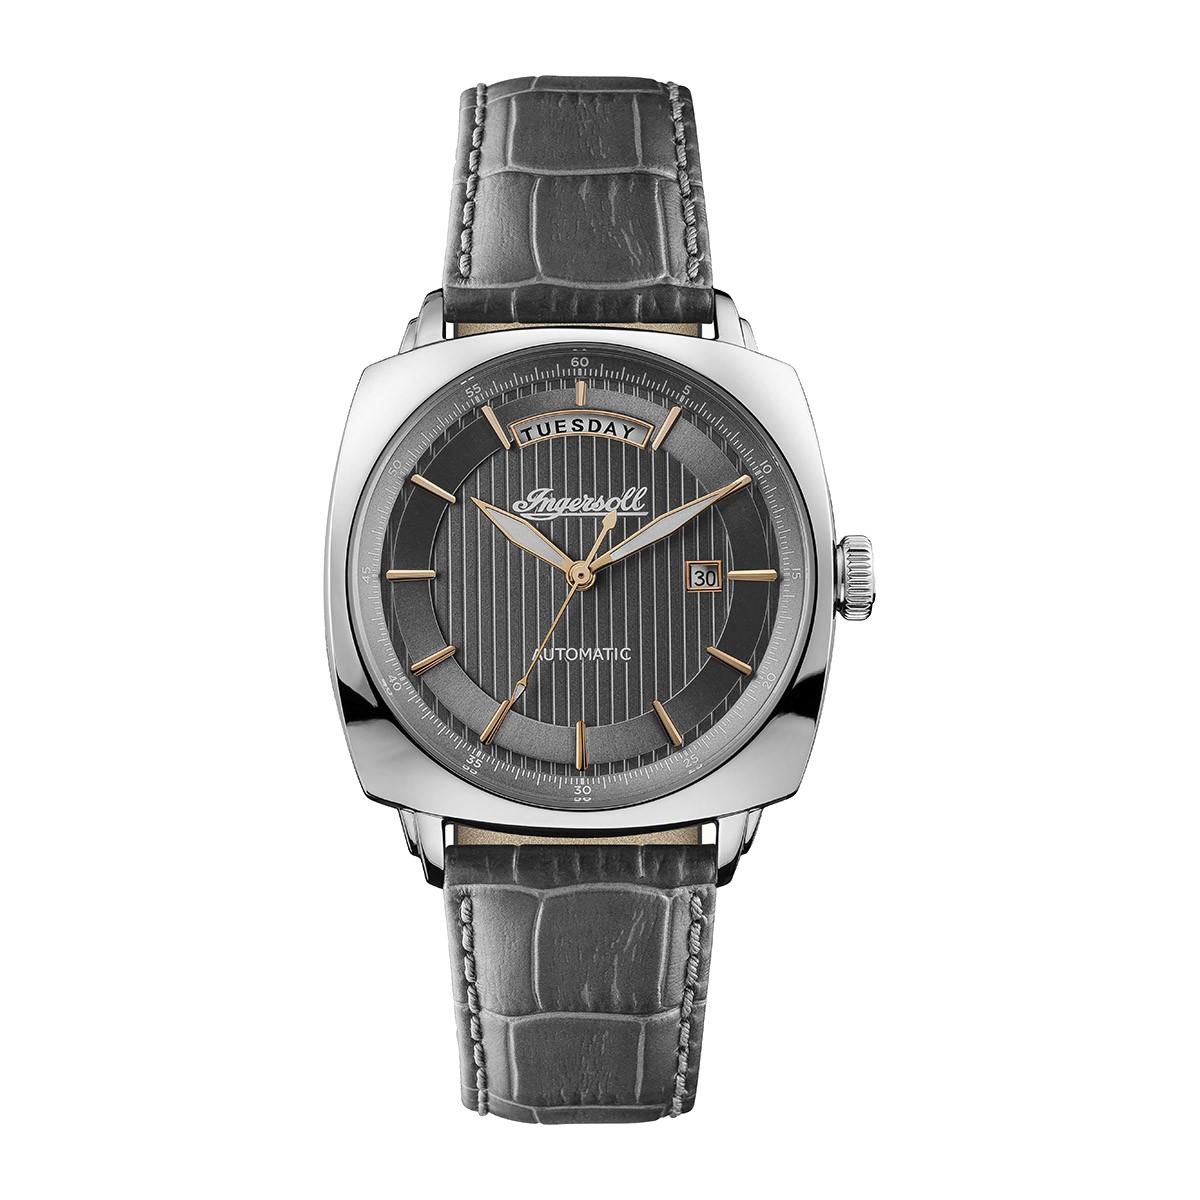 ساعت مچی عقربه ای مردانه اینگرسل مدل I04202 54